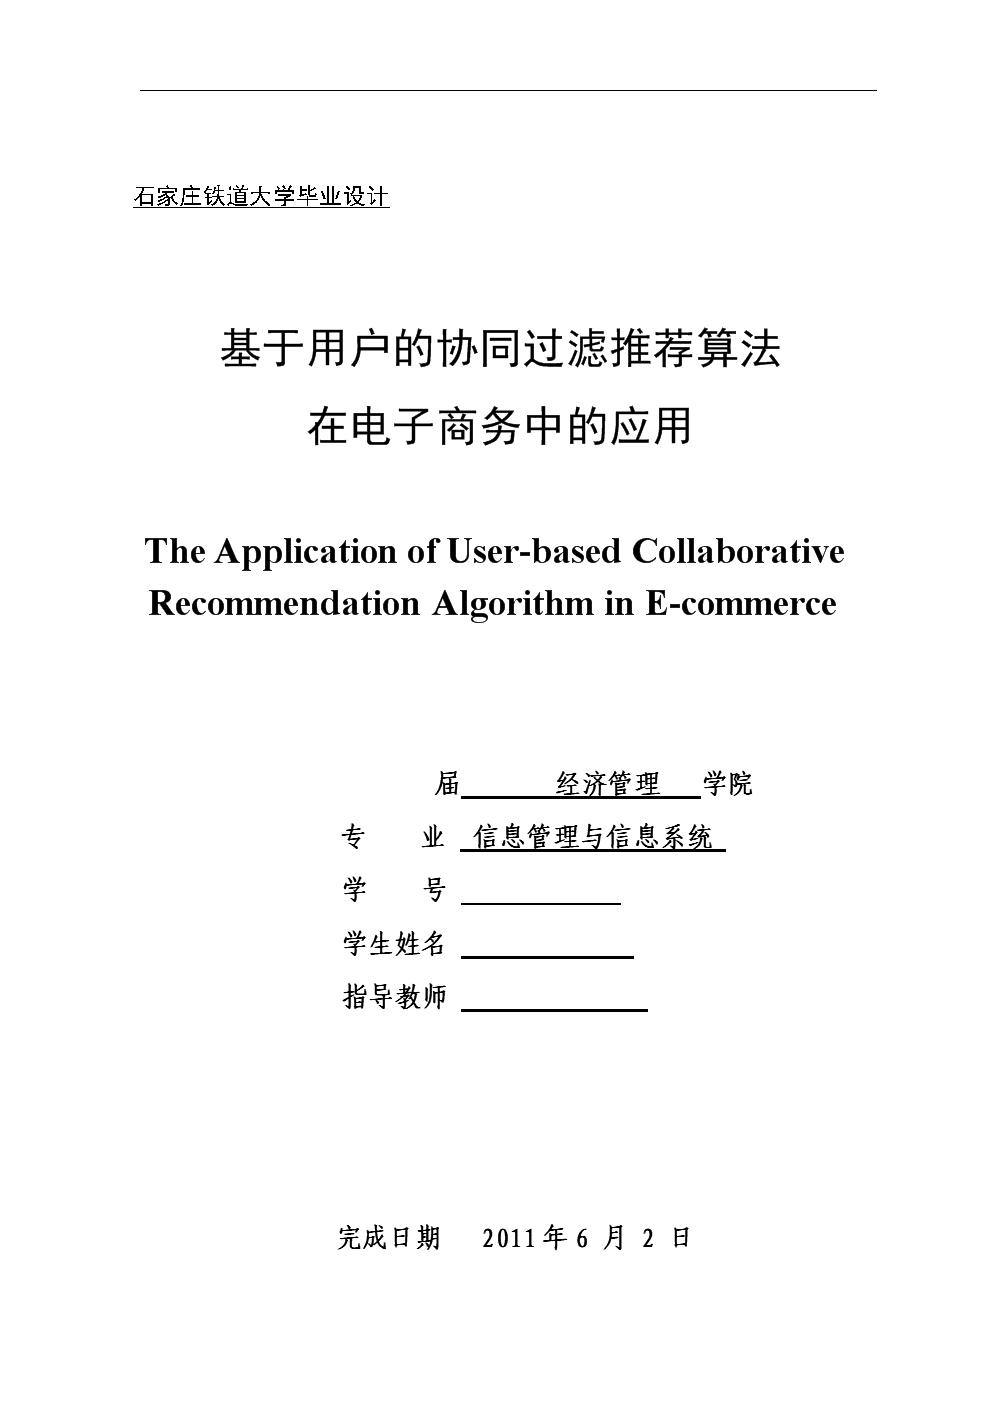 《基于用户的协同过滤推荐算法在电子商务中的应用》【毕业设计论文】.doc